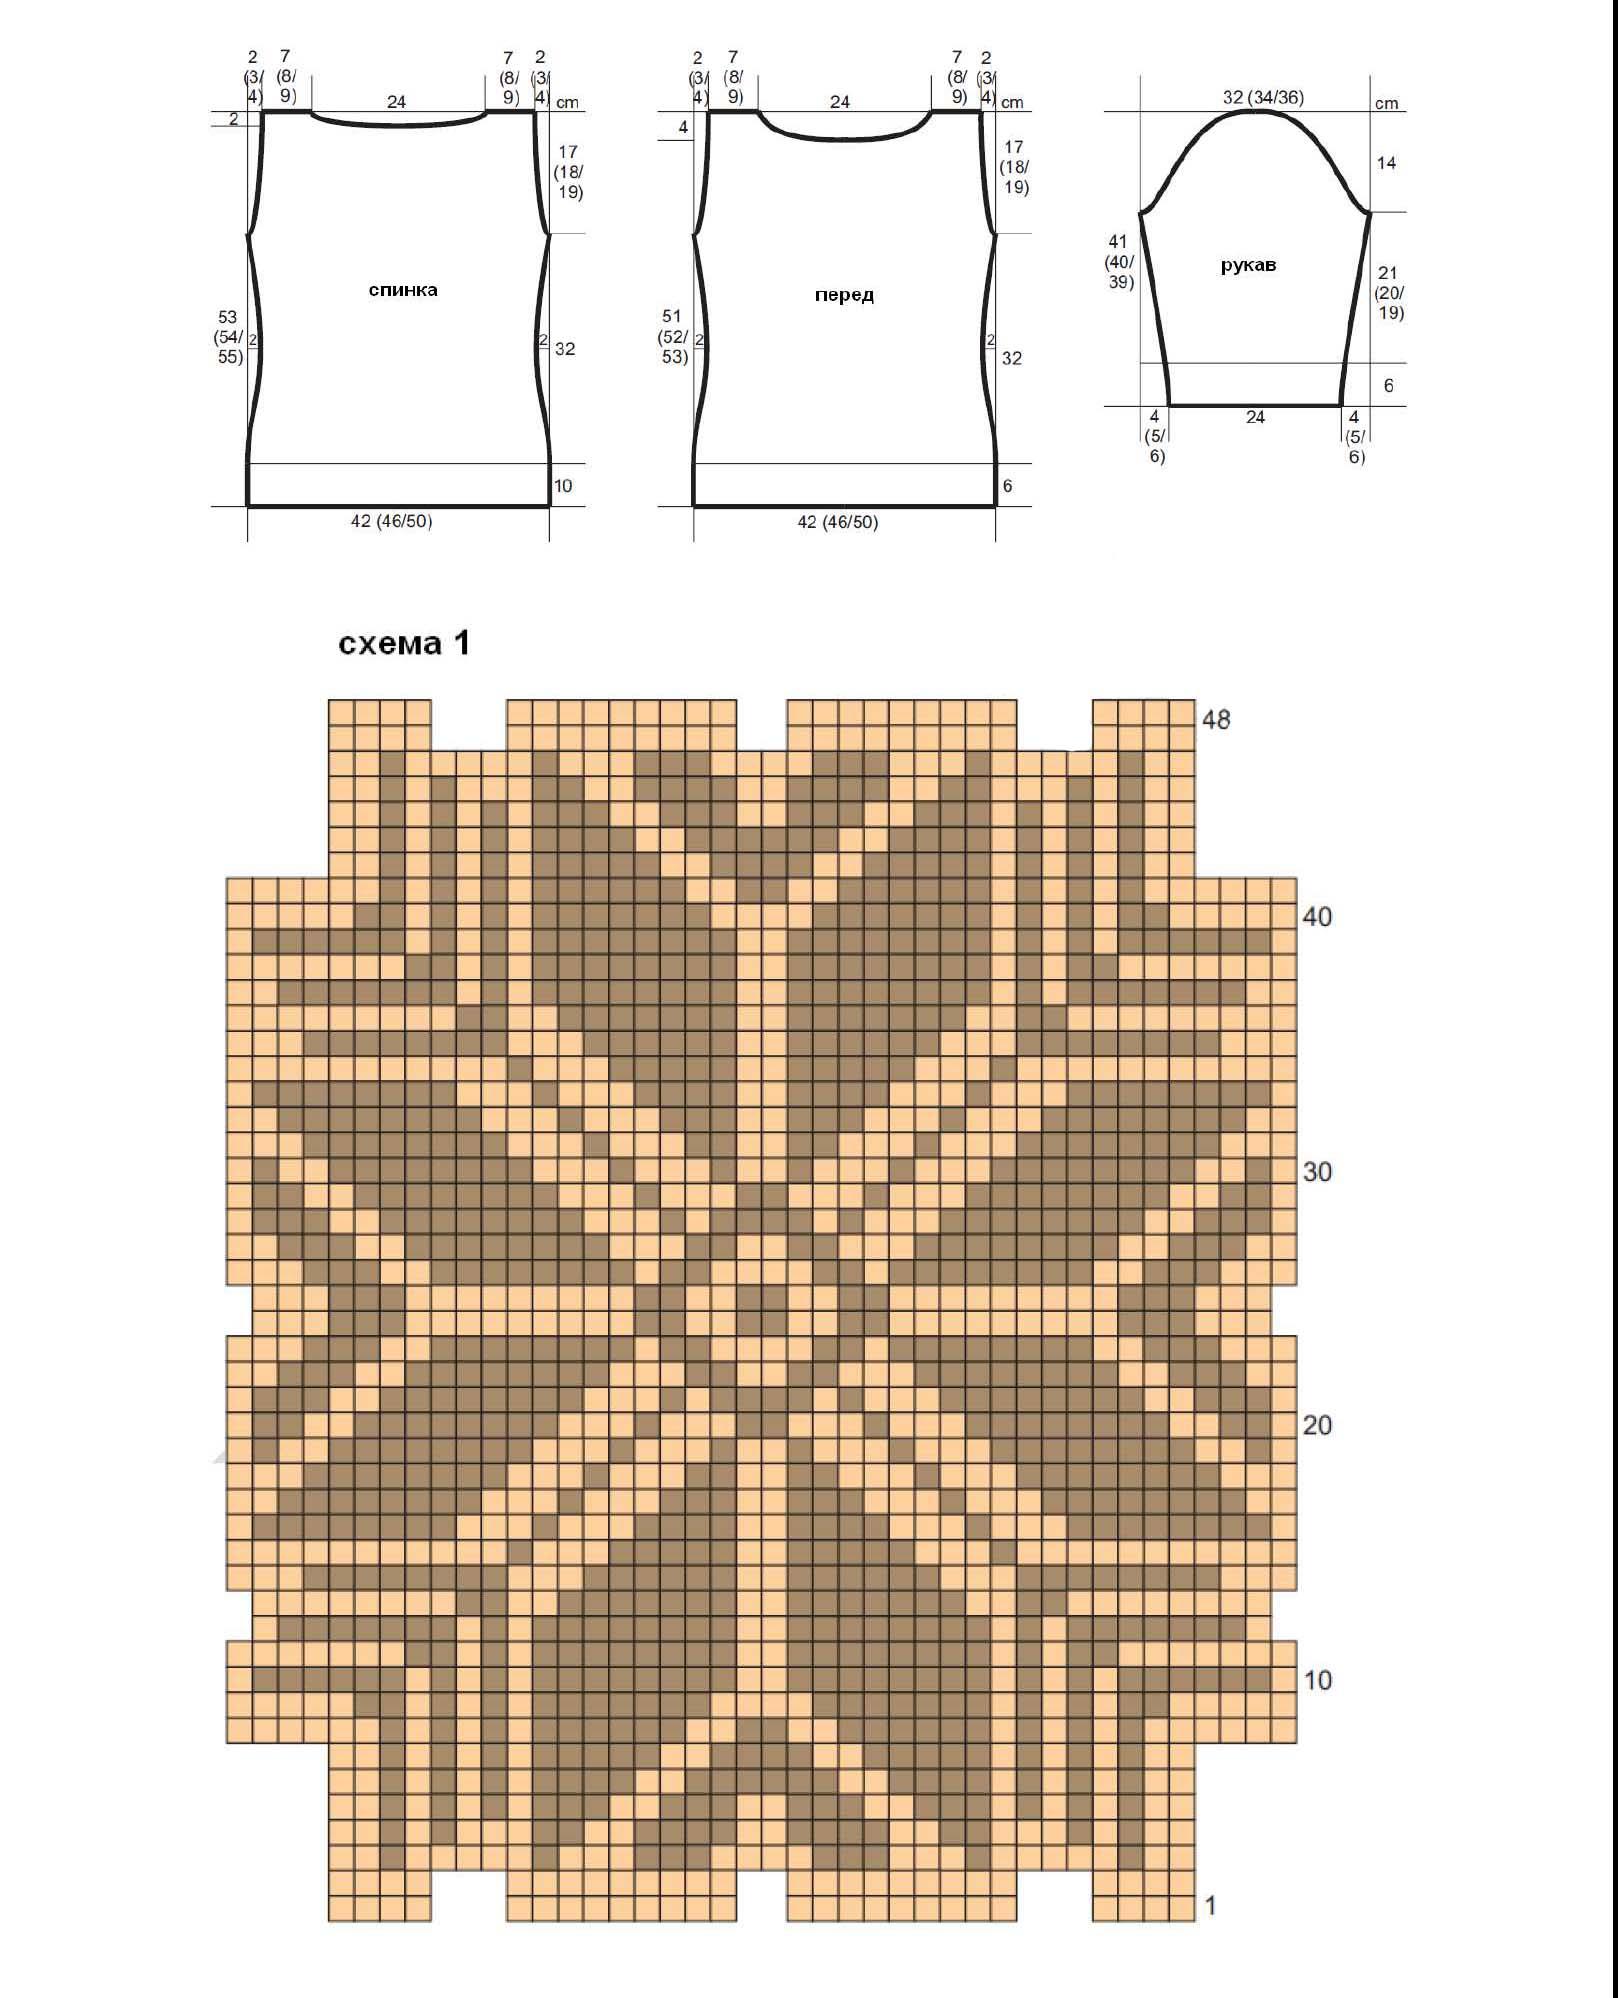 Свитер с жаккардовым узором Снежинки спицами схема вязания жаккардового узора и выкройка пуловера